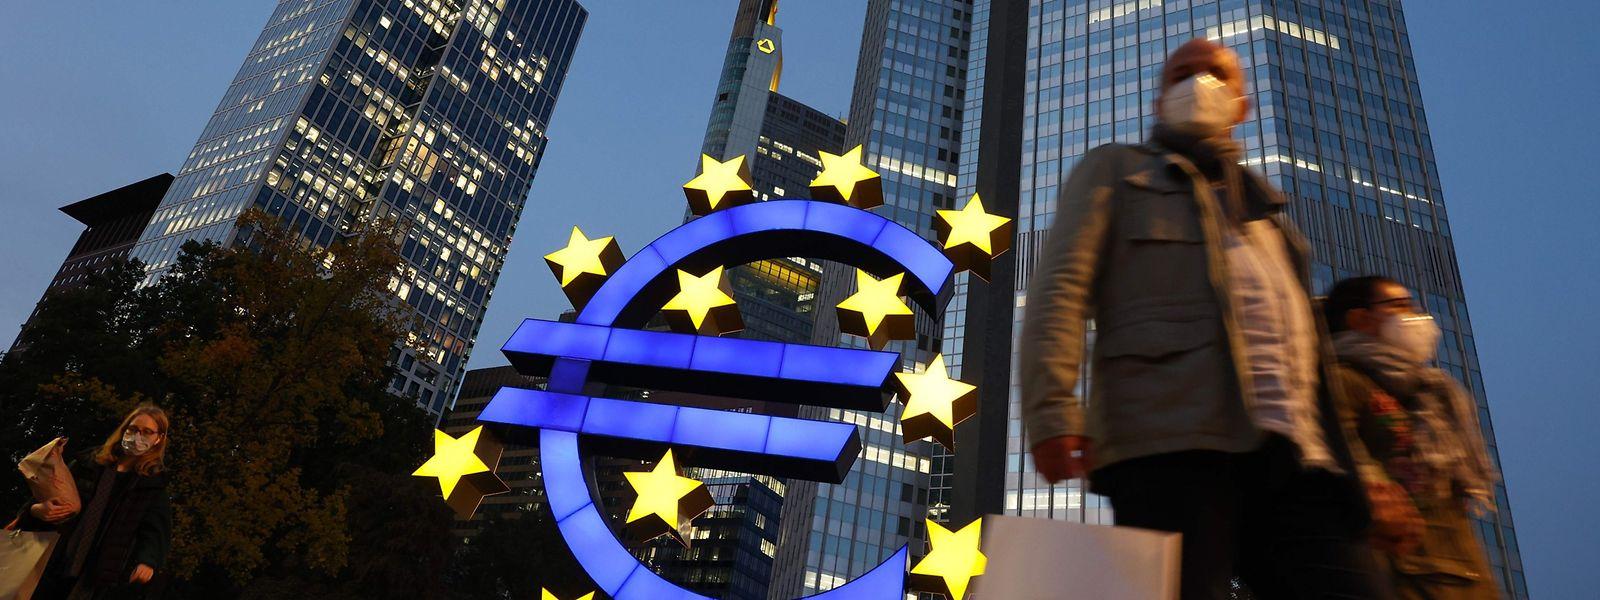 Face au risque d'endettement des Etats, 108 économistes de 13 pays de l'UE plaident pour une annulation conditionnelle de la dette publique détenue par la BCE pour permettre aux Etats d'effectuer les investissements nécessaires à la transition écologique.